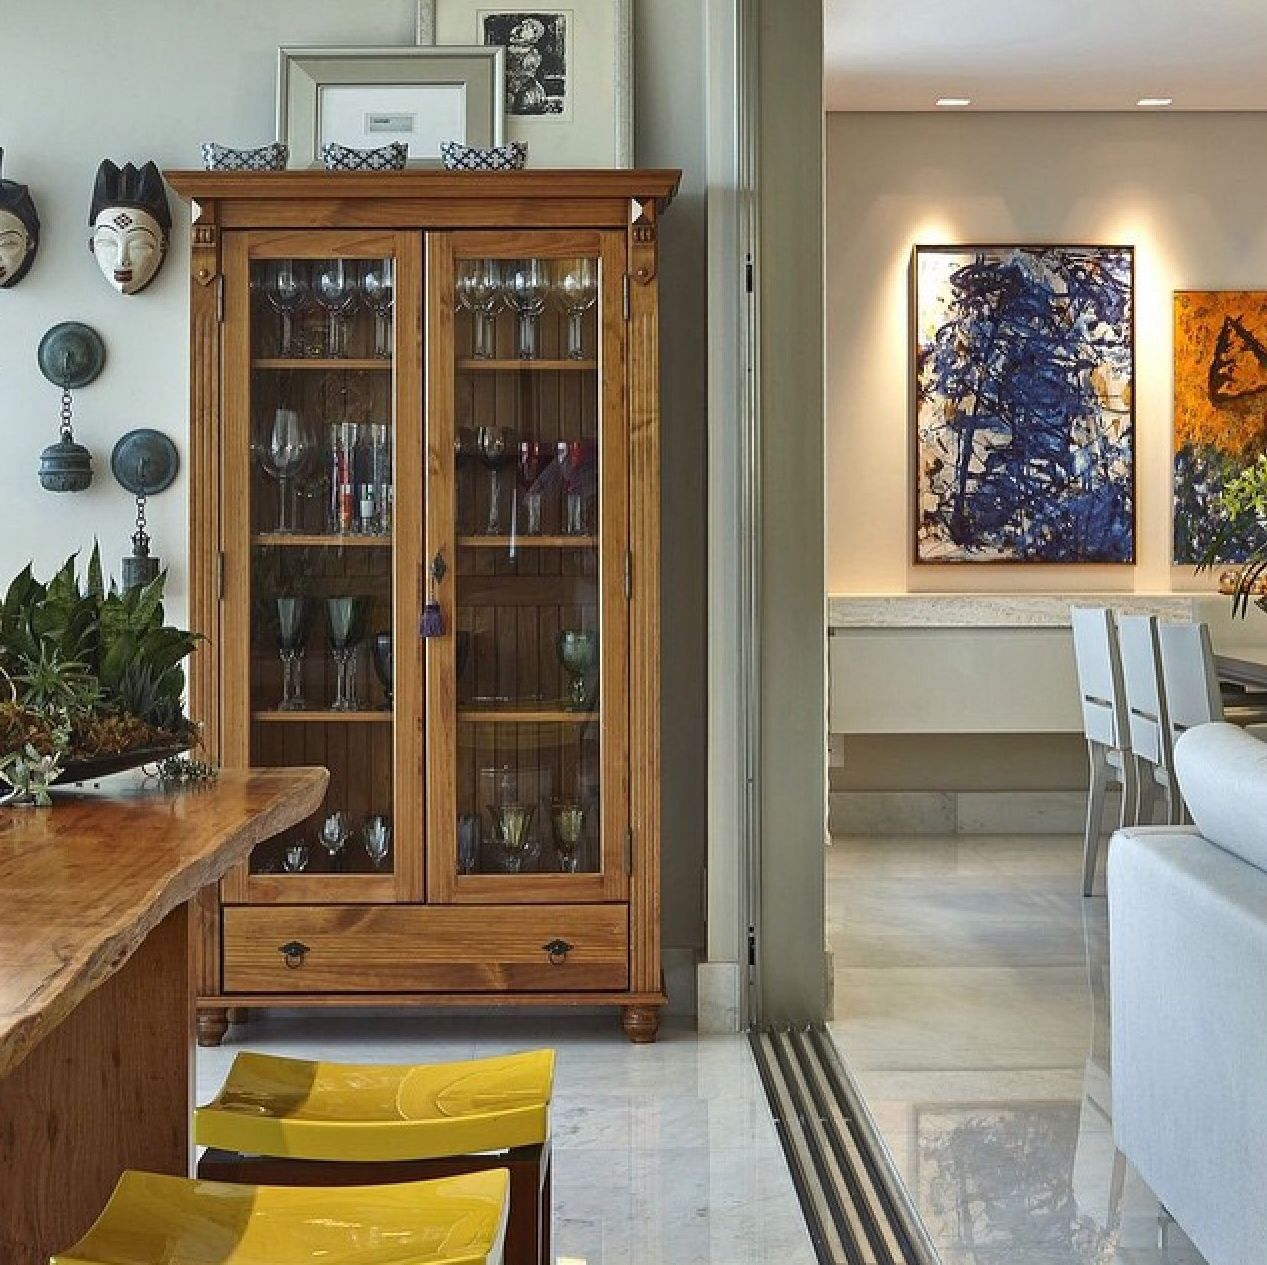 Vitrina vajillera cocina cocinas en 2019 pinterest for Decorar vitrina de comedor